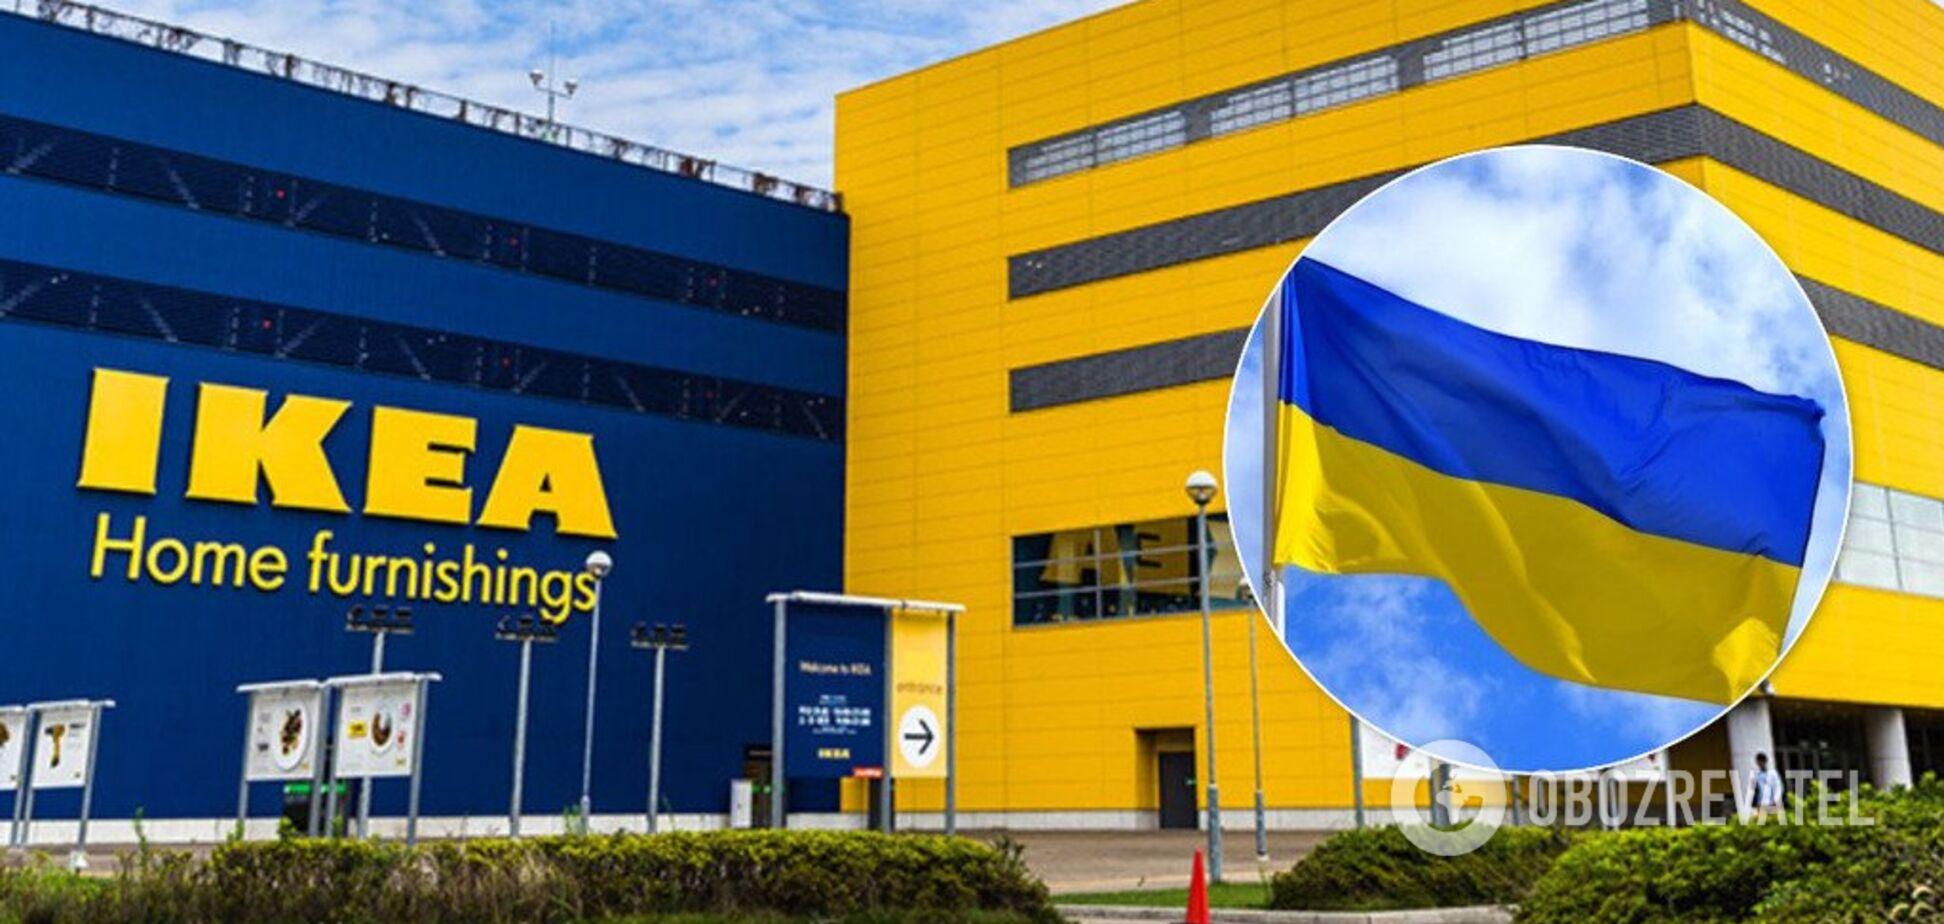 IKEA откроет первый магазин в Украине в 2020 году: стало известно, где